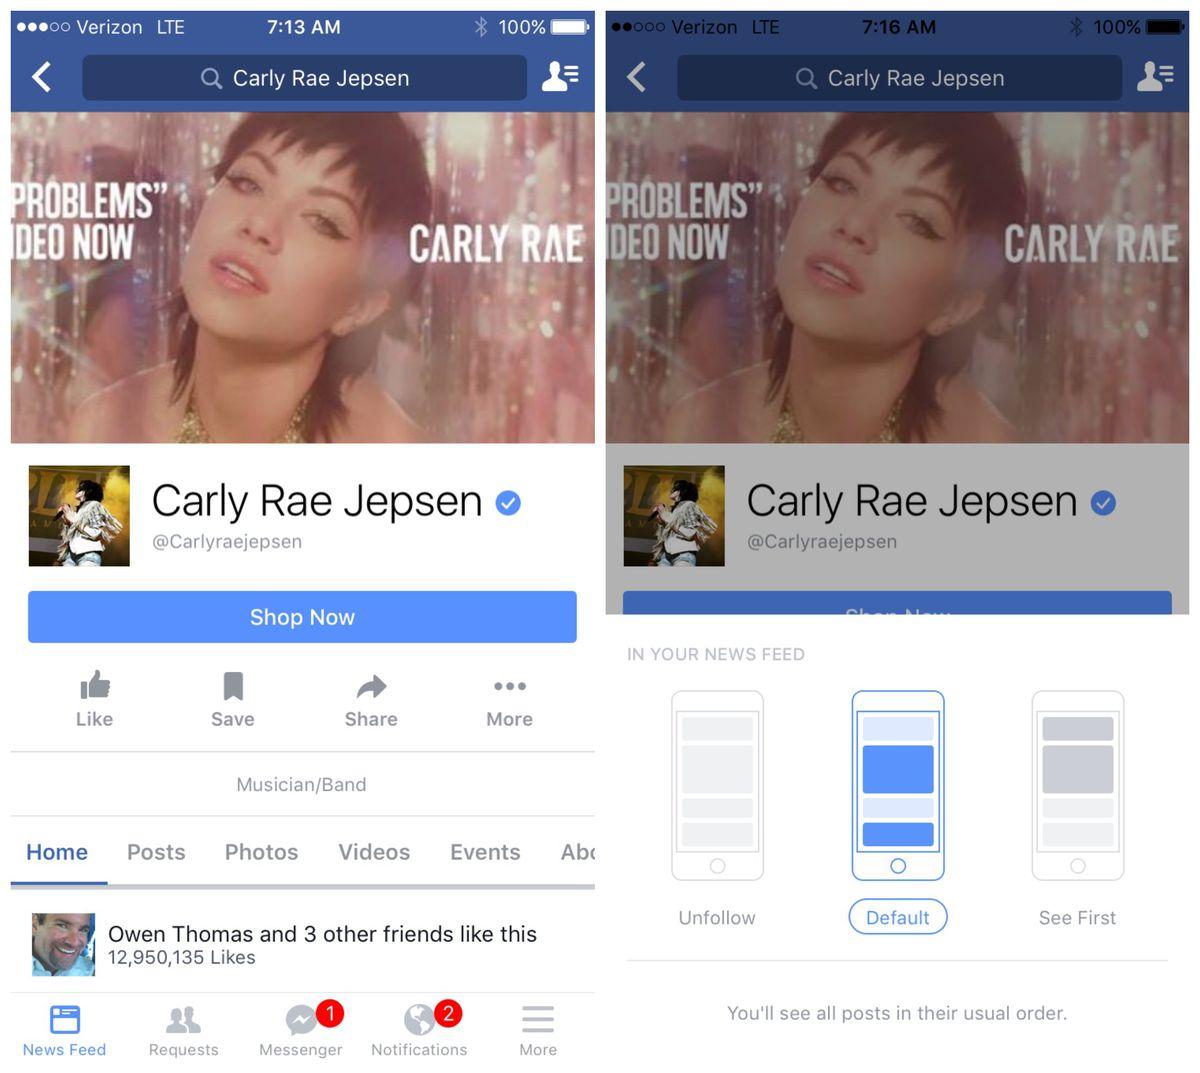 A Facebook screen for Carly Rae Jepsen